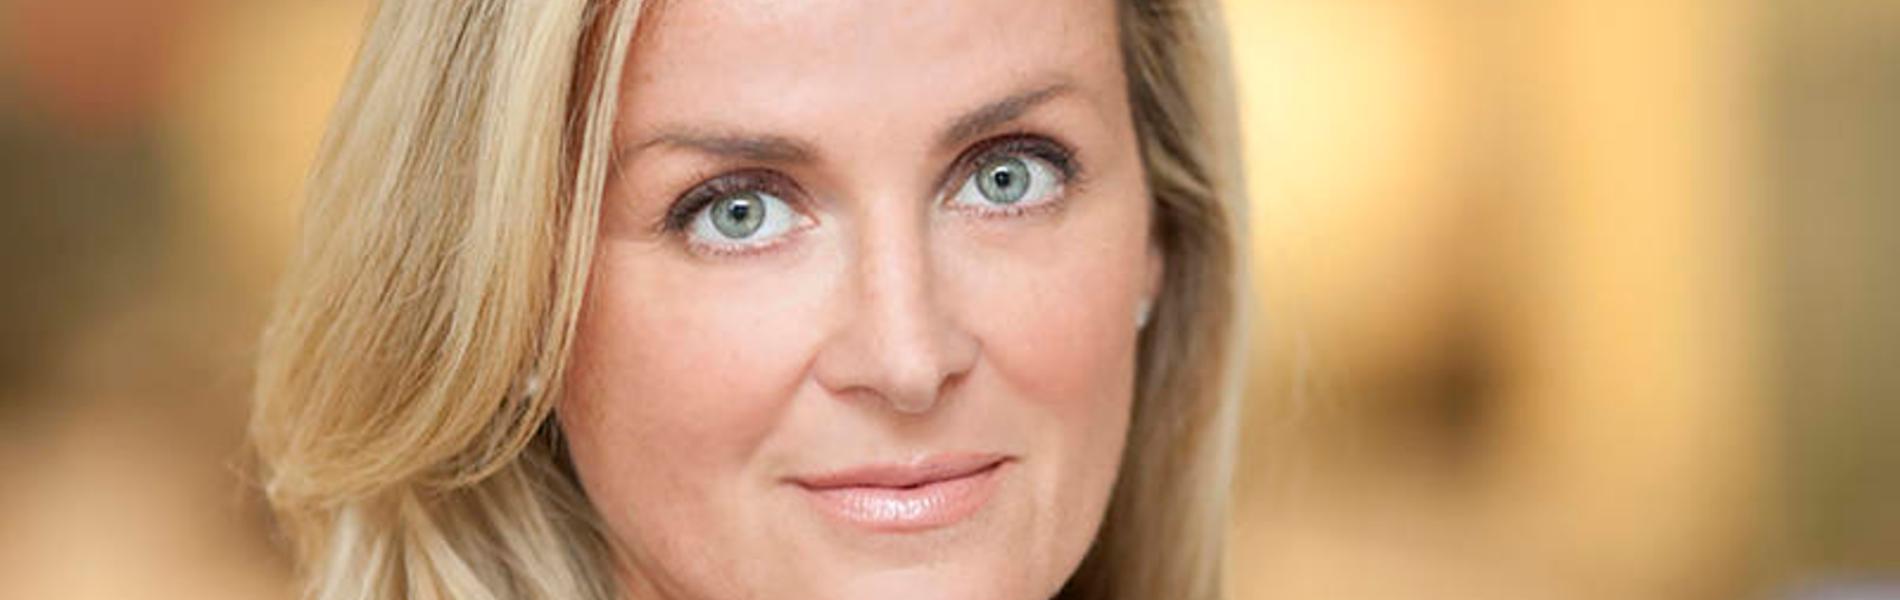 """חדשות בפוקס ניוז: הכירו את סוזן סקוט, המנכל""""ית החדשה (והראשונה)"""